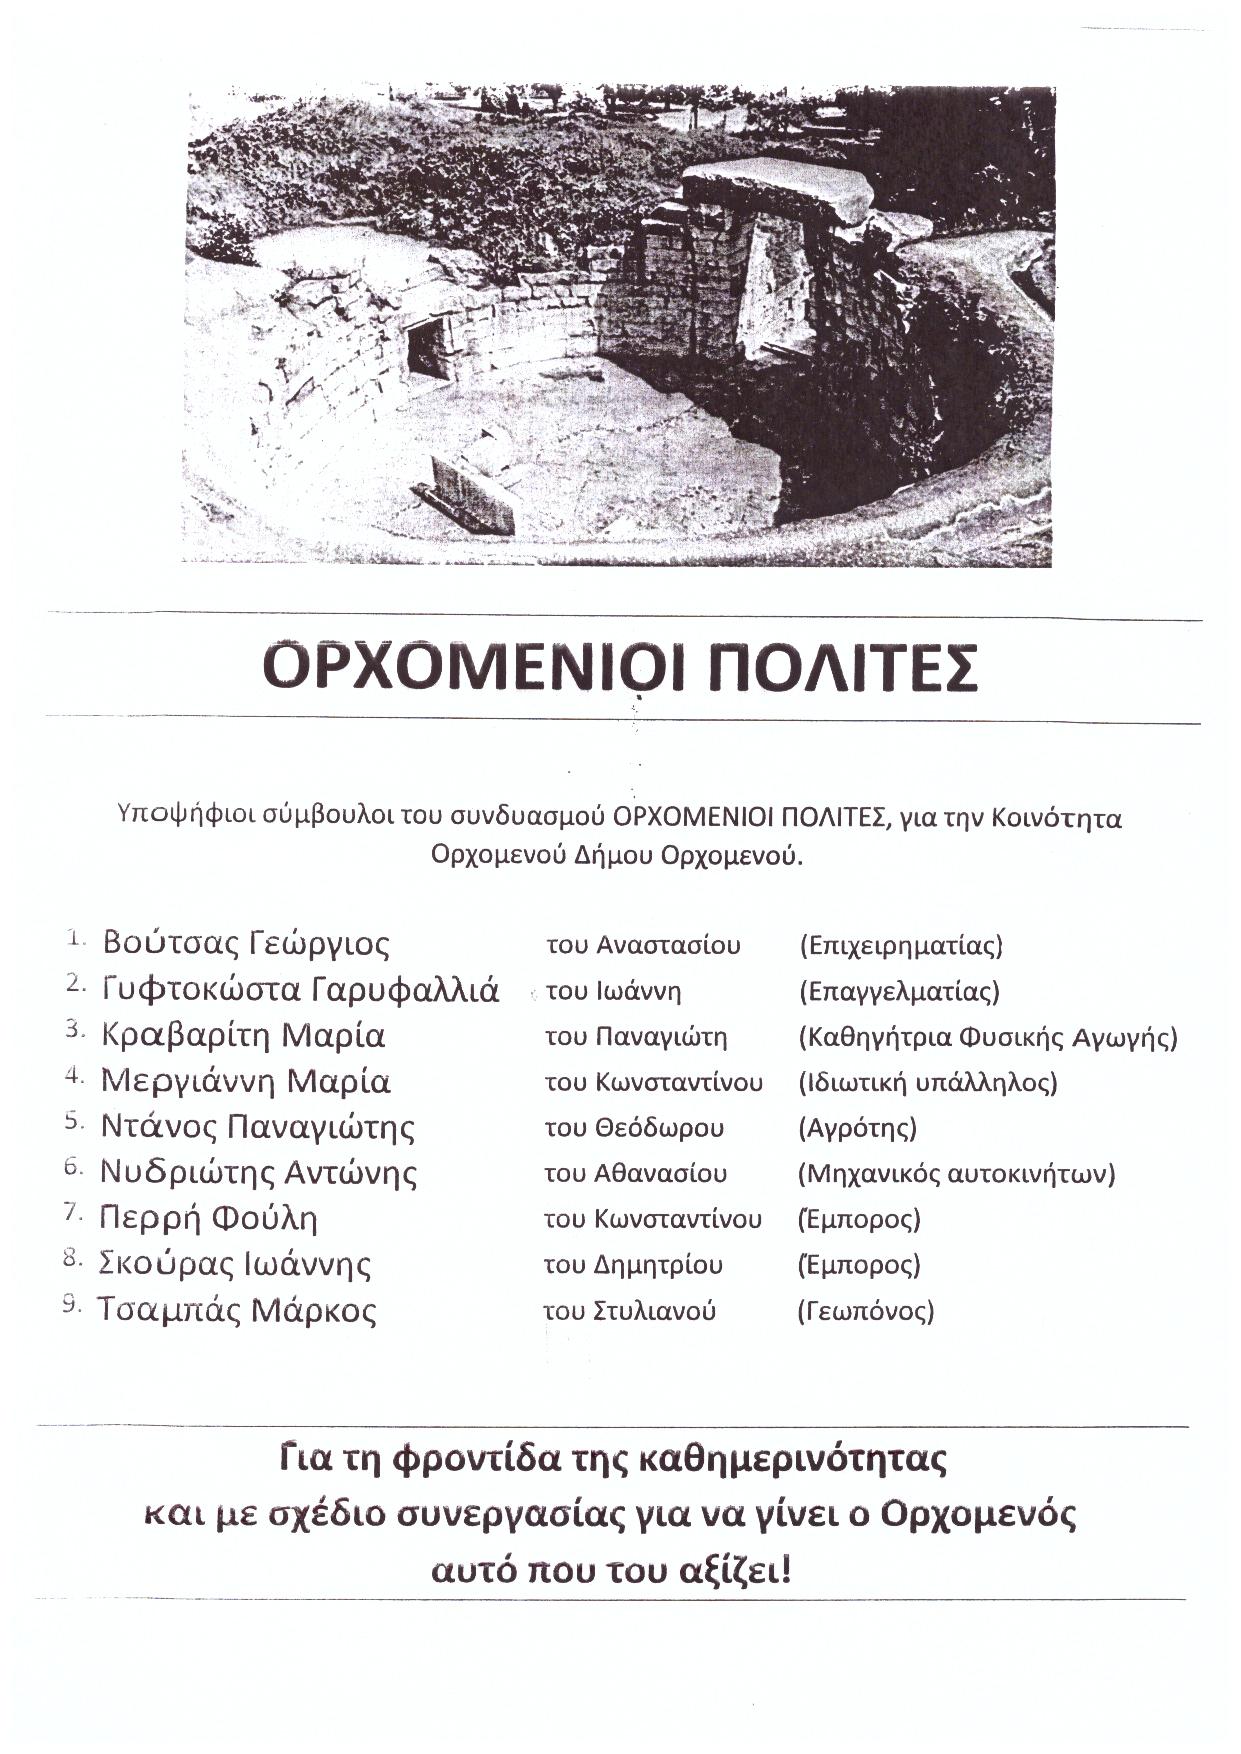 Ορχομενιοι Πολιτες Γ Βούτσας 1